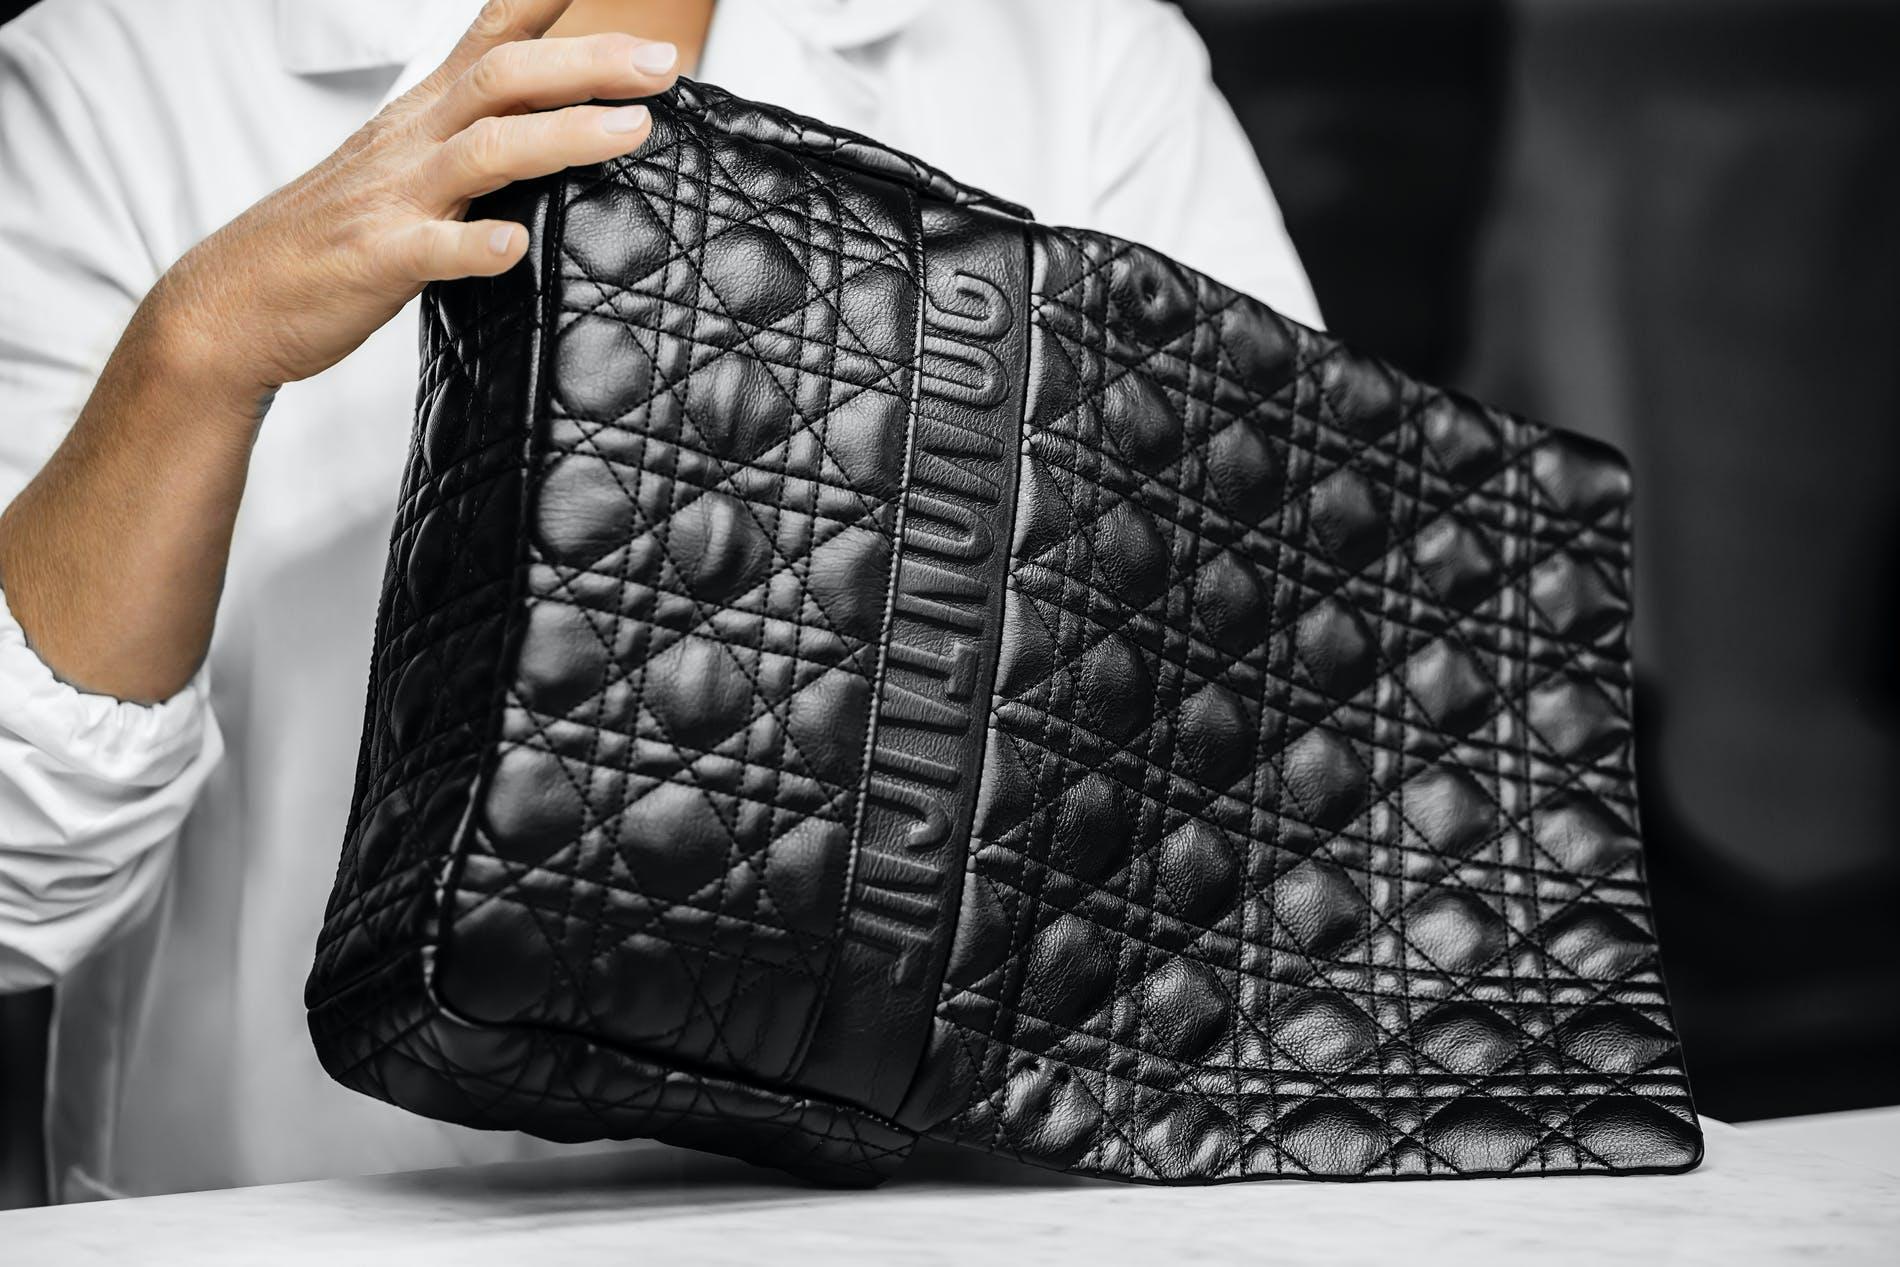 DIOR caro bag back details